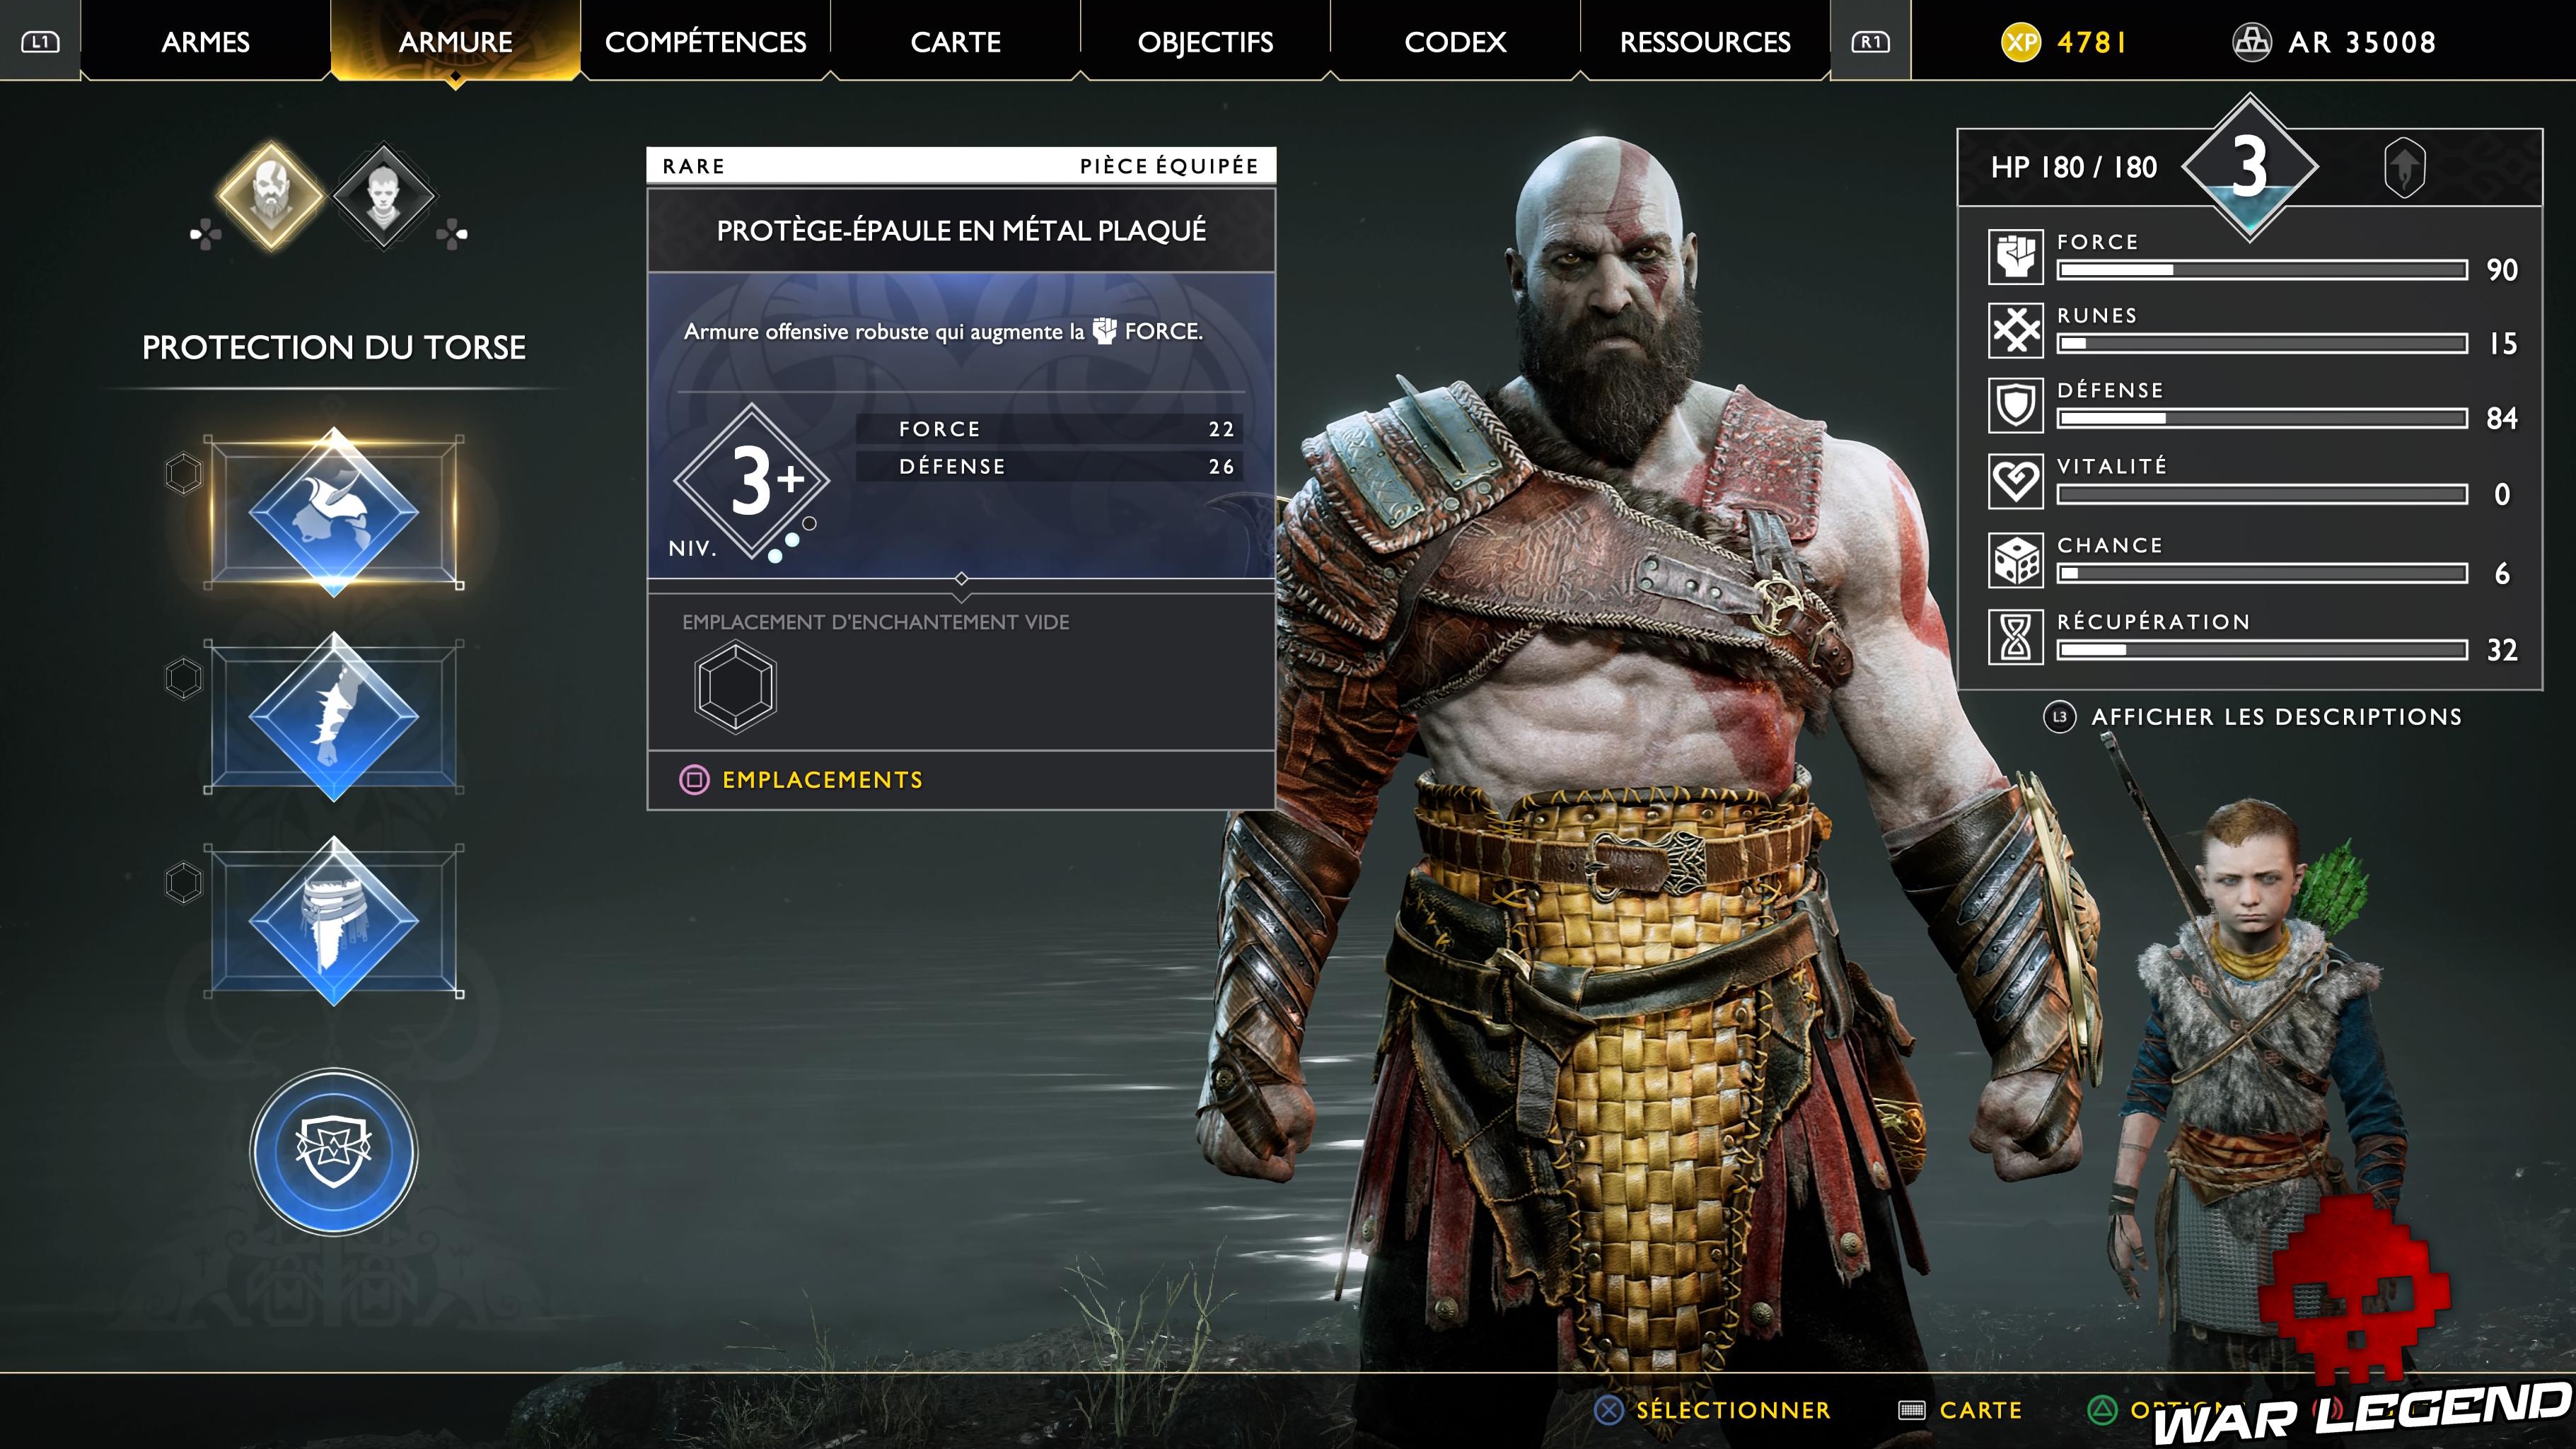 menu armure god of war